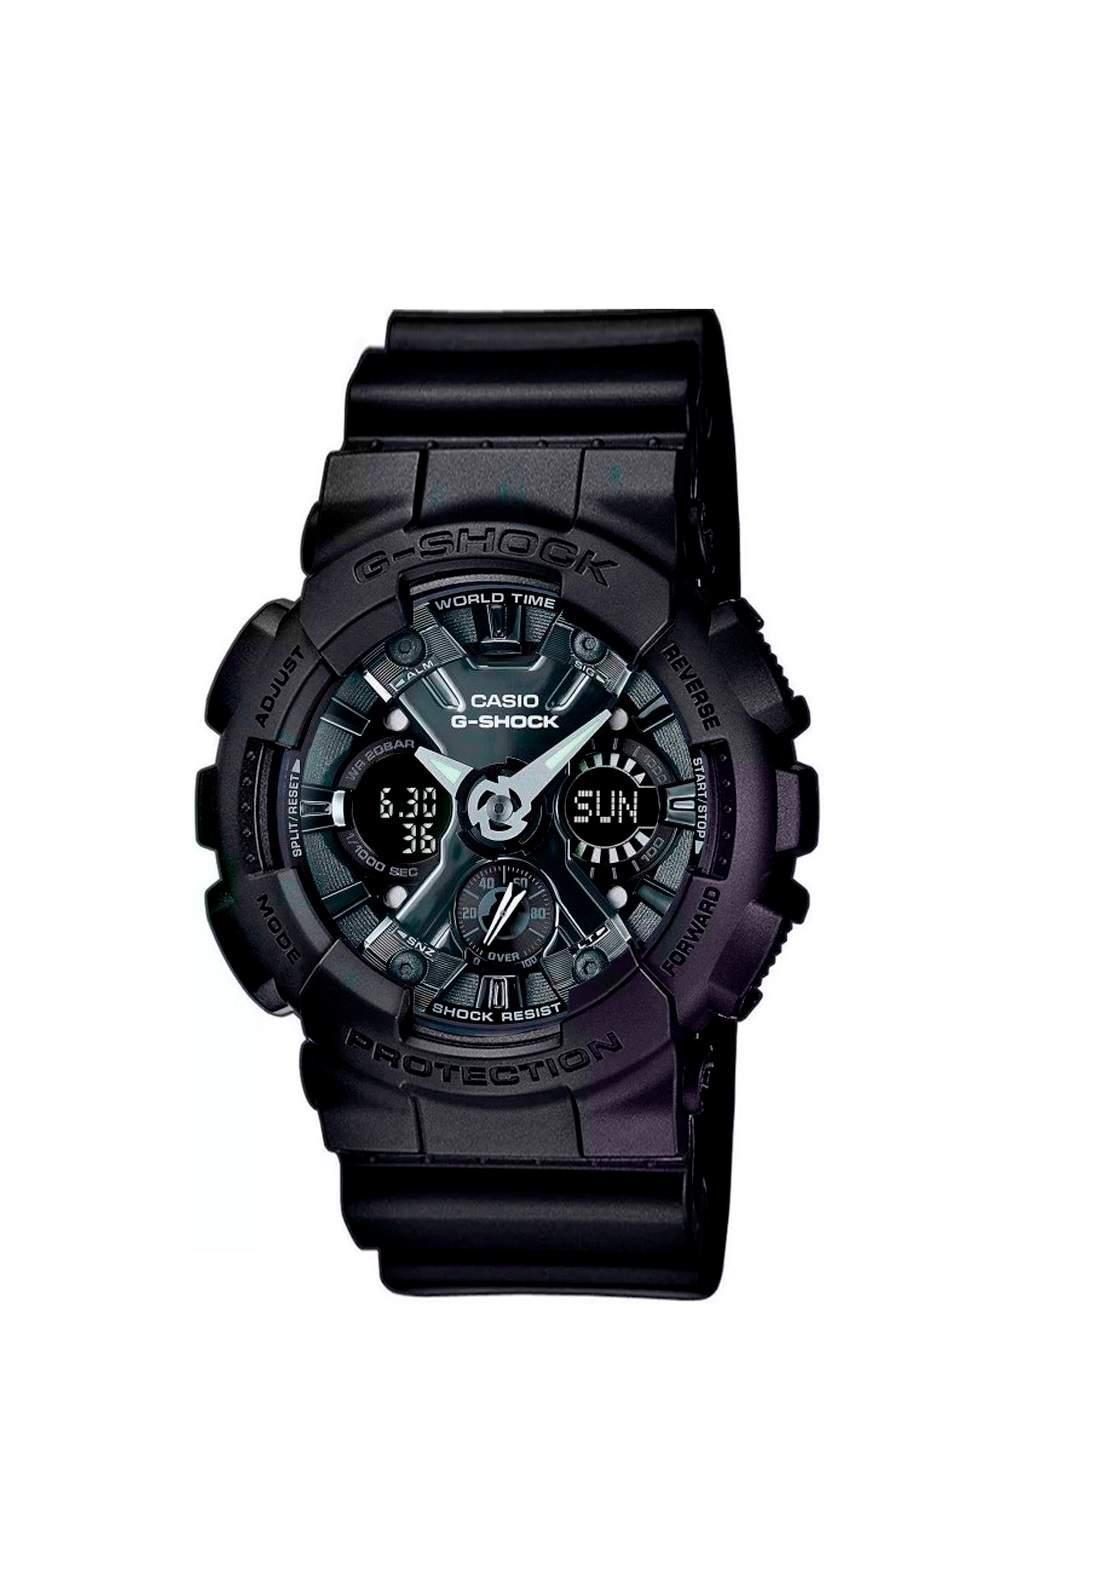 ساعة نسائية رياضية Casio GMA-S120MF-1ADR سوداء اللون